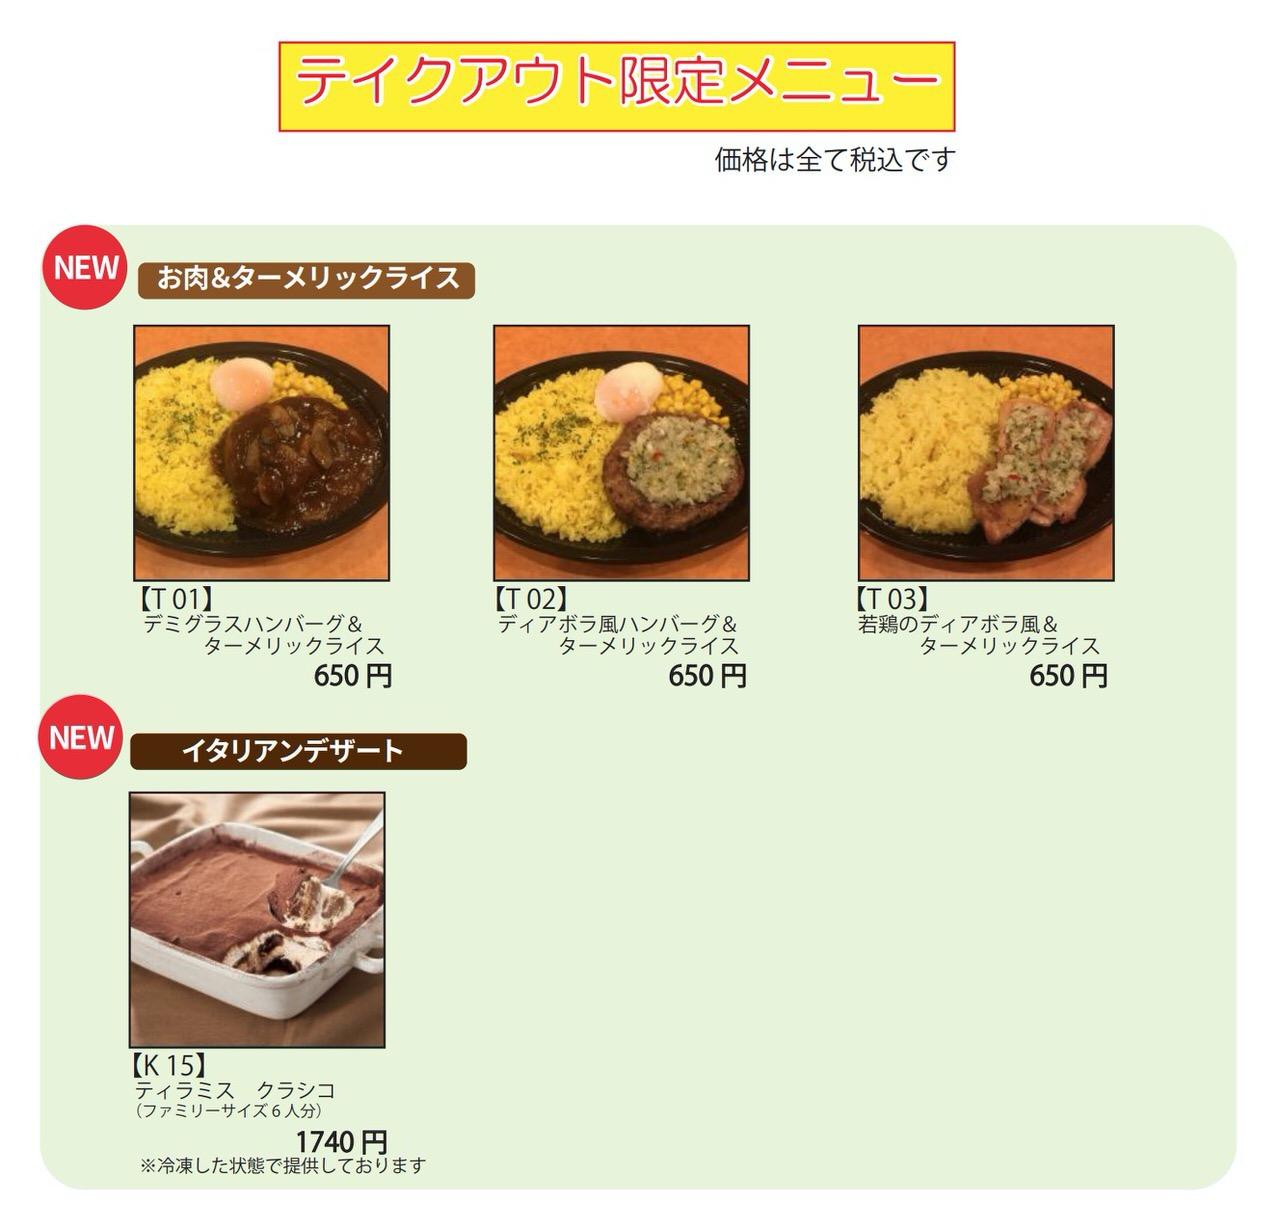 【サイゼリヤ】テイクアウトメニューにラムの串焼き「アロスティチーニ」がラインナップされていたなんて!